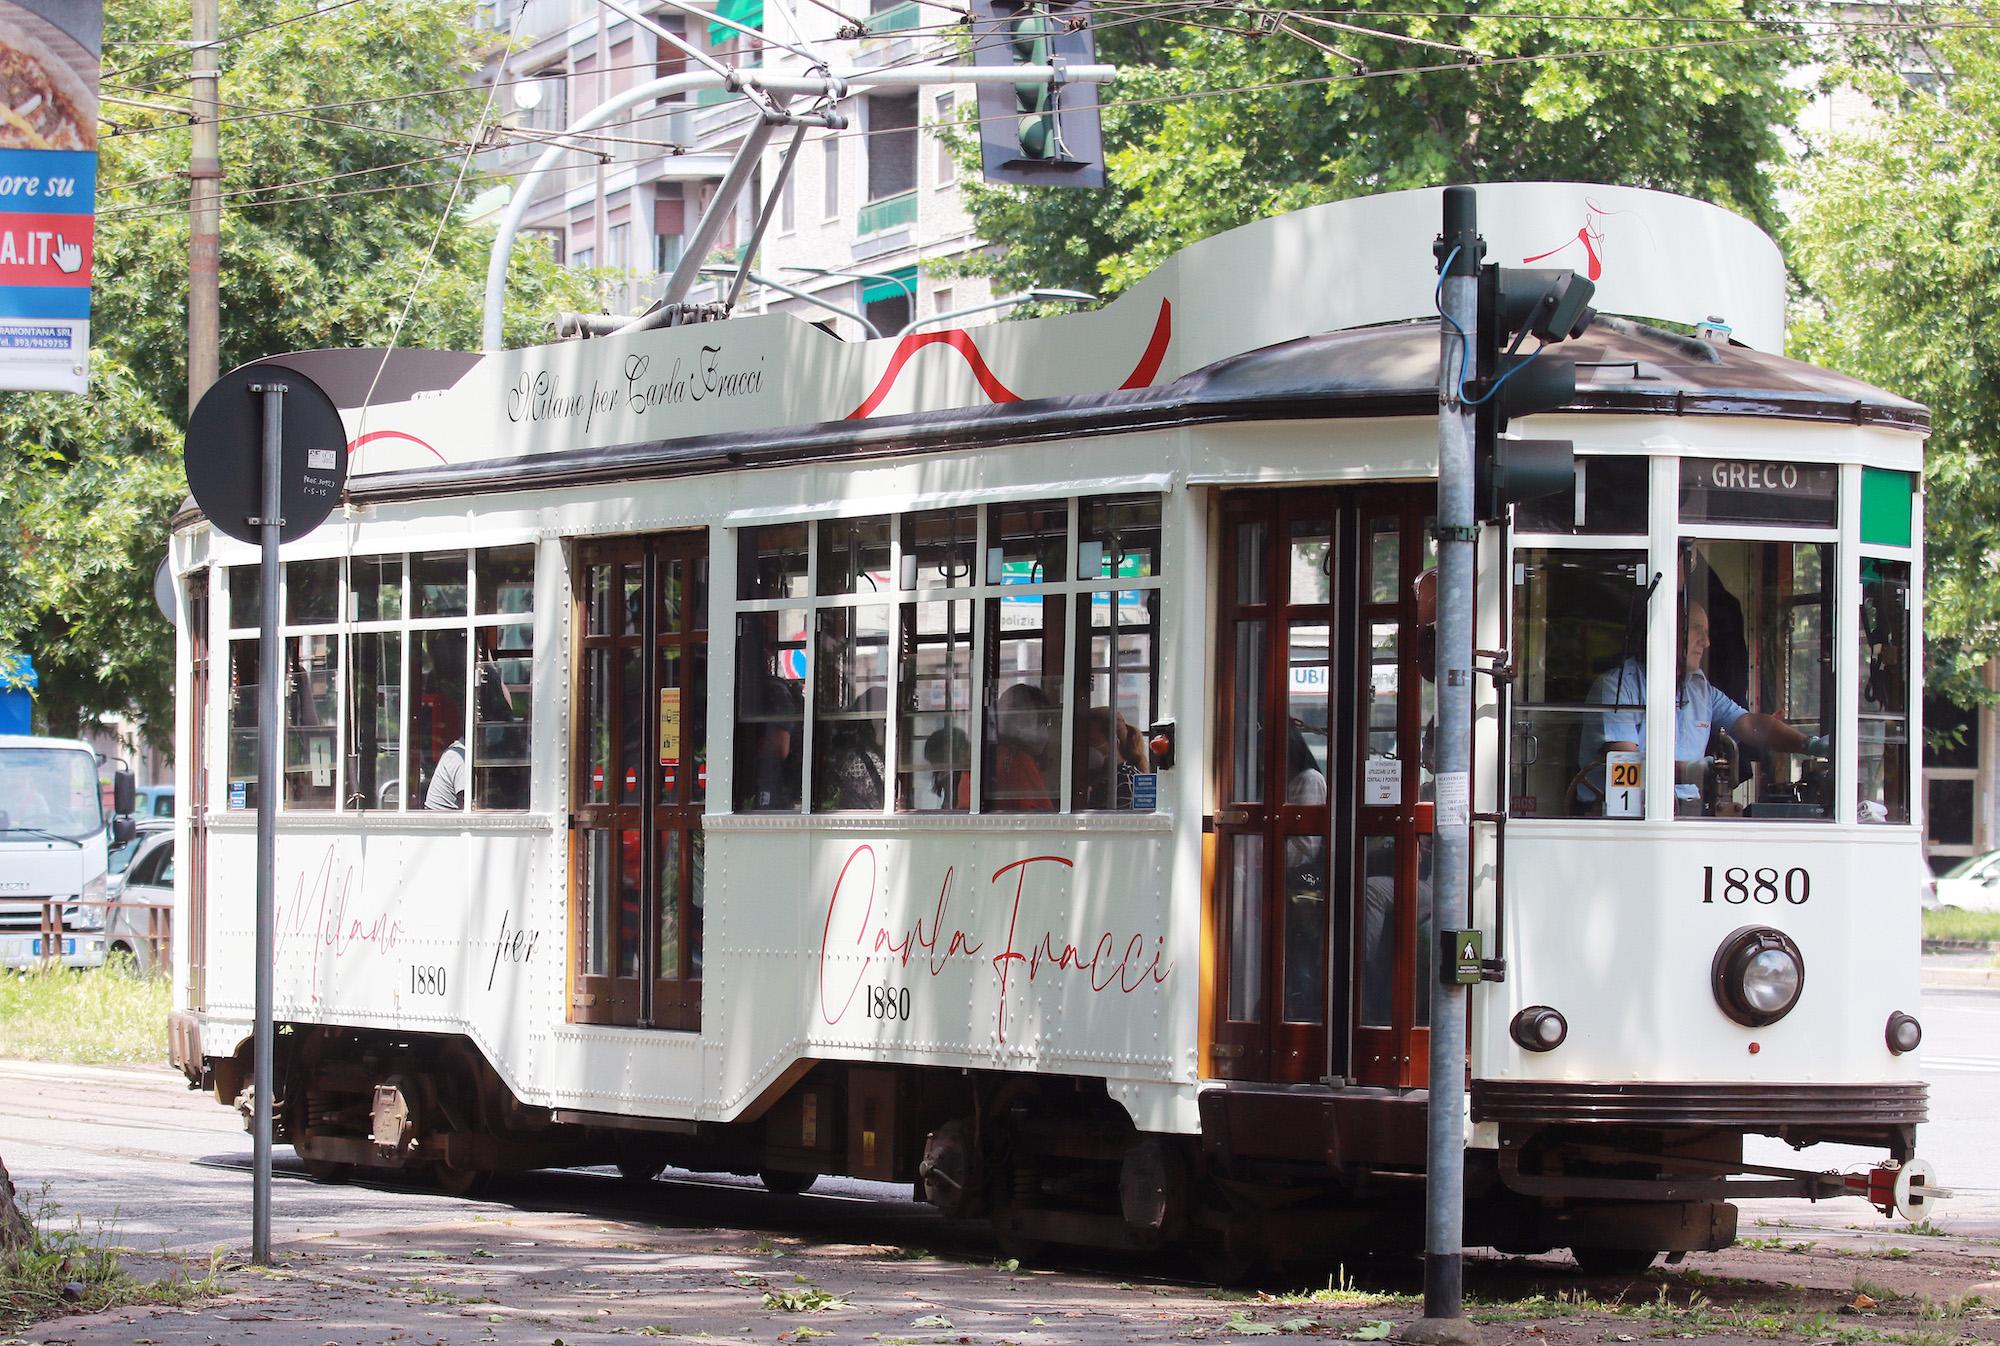 un-tram-bianco-per-ricordare-carla-fracci